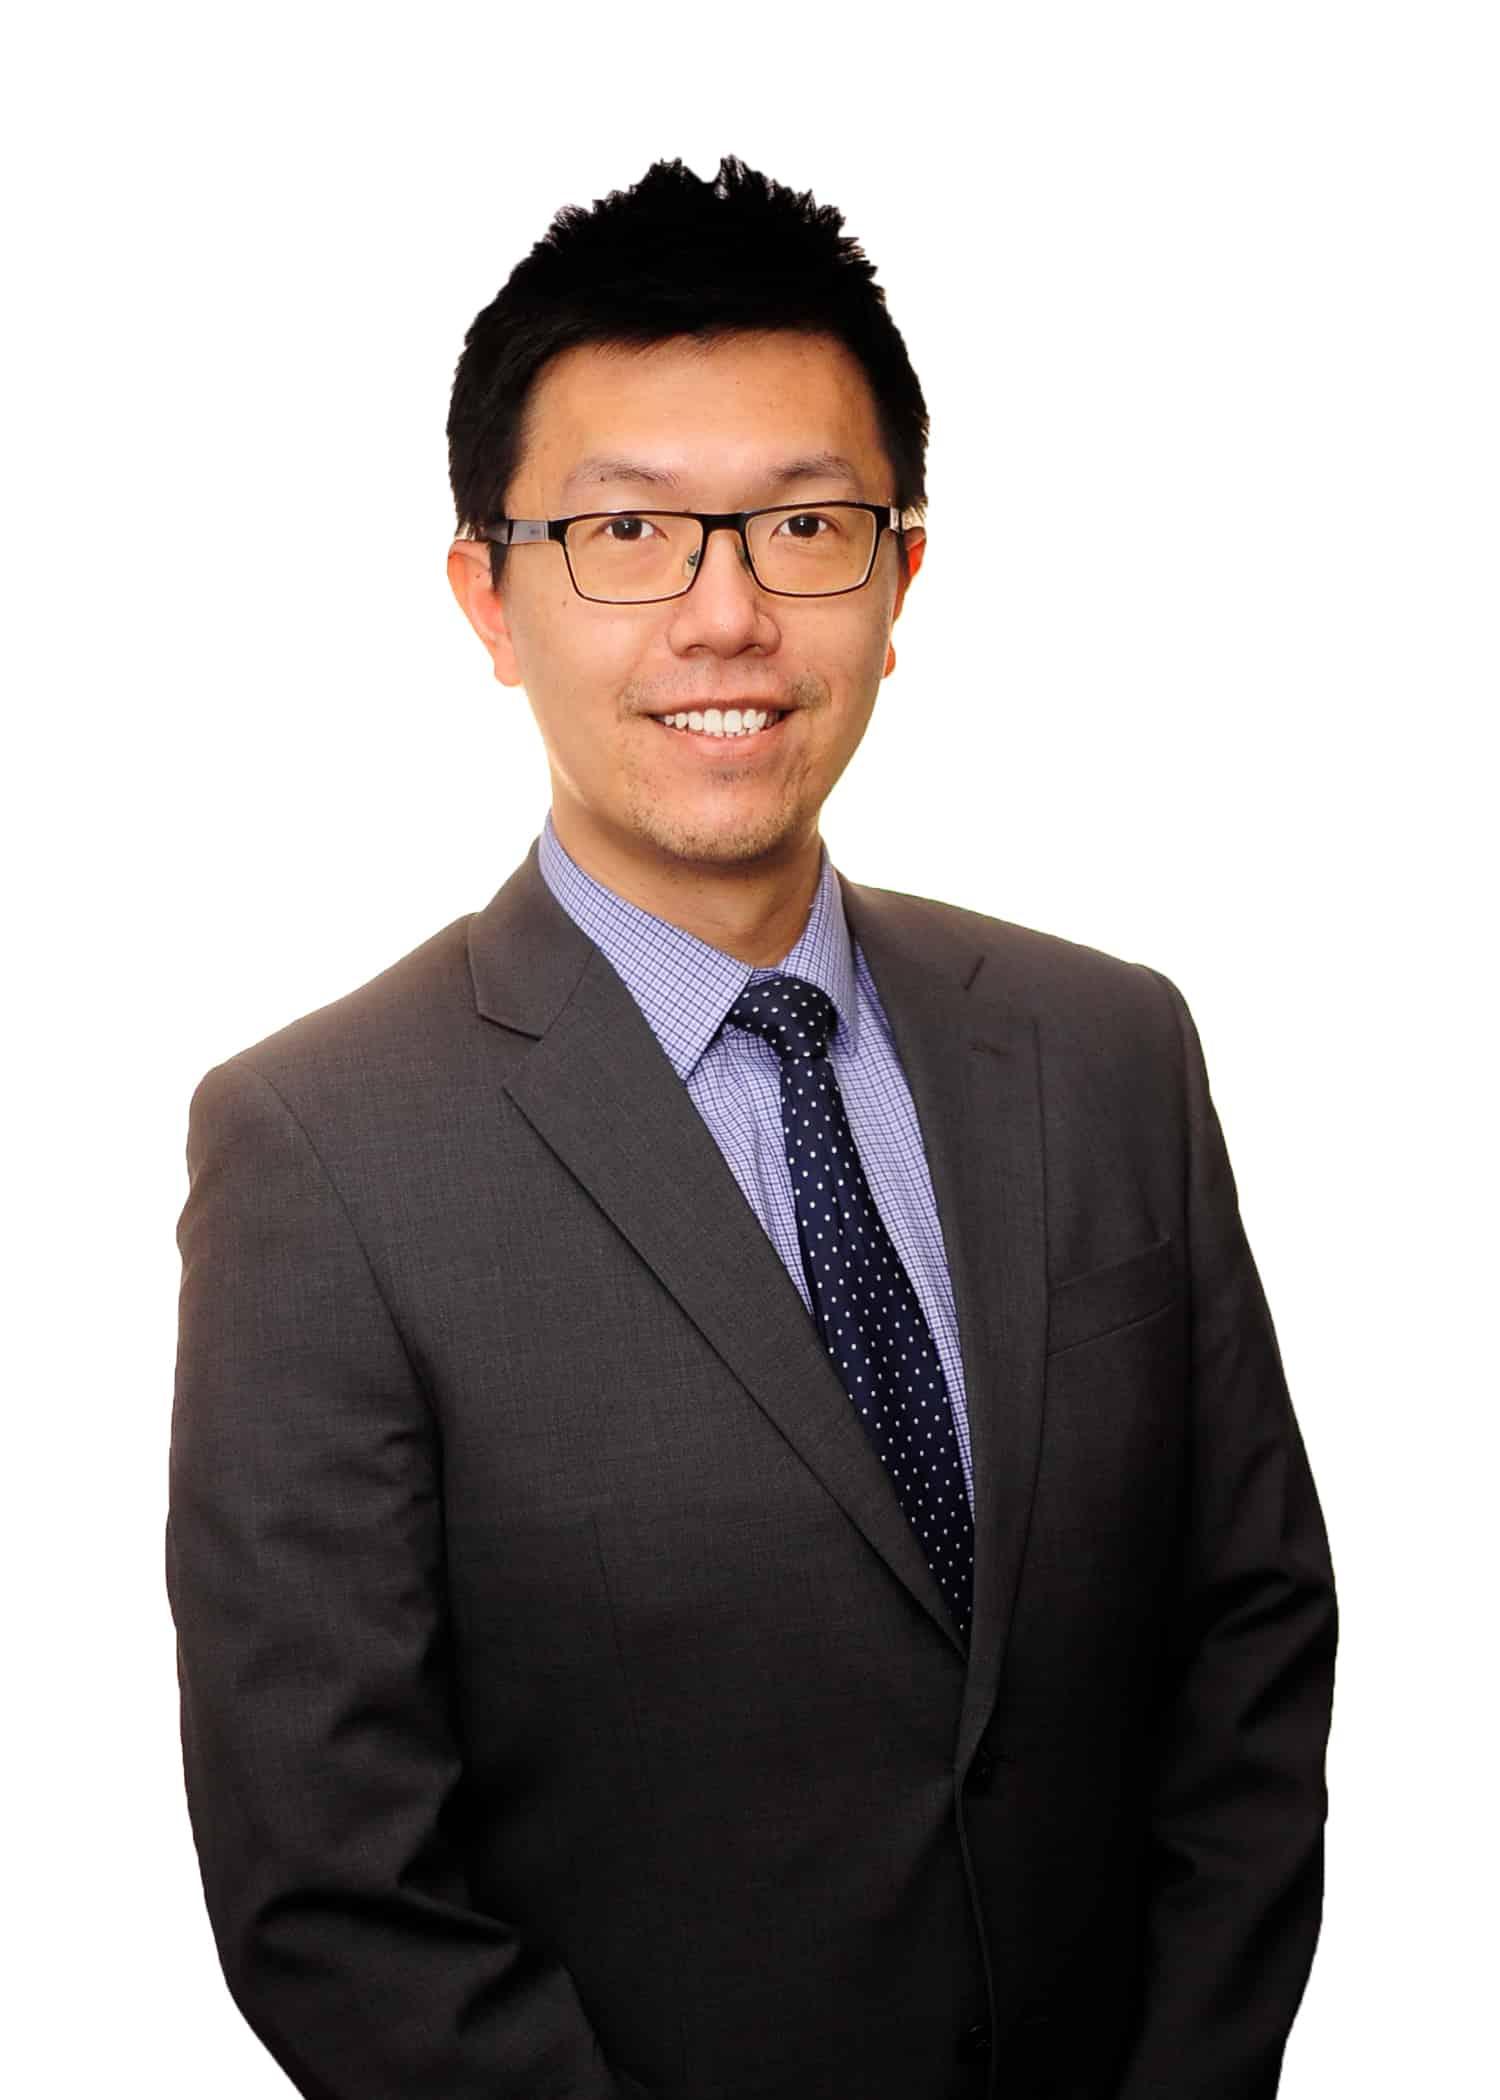 Xiaopeng (Leo) Yuan